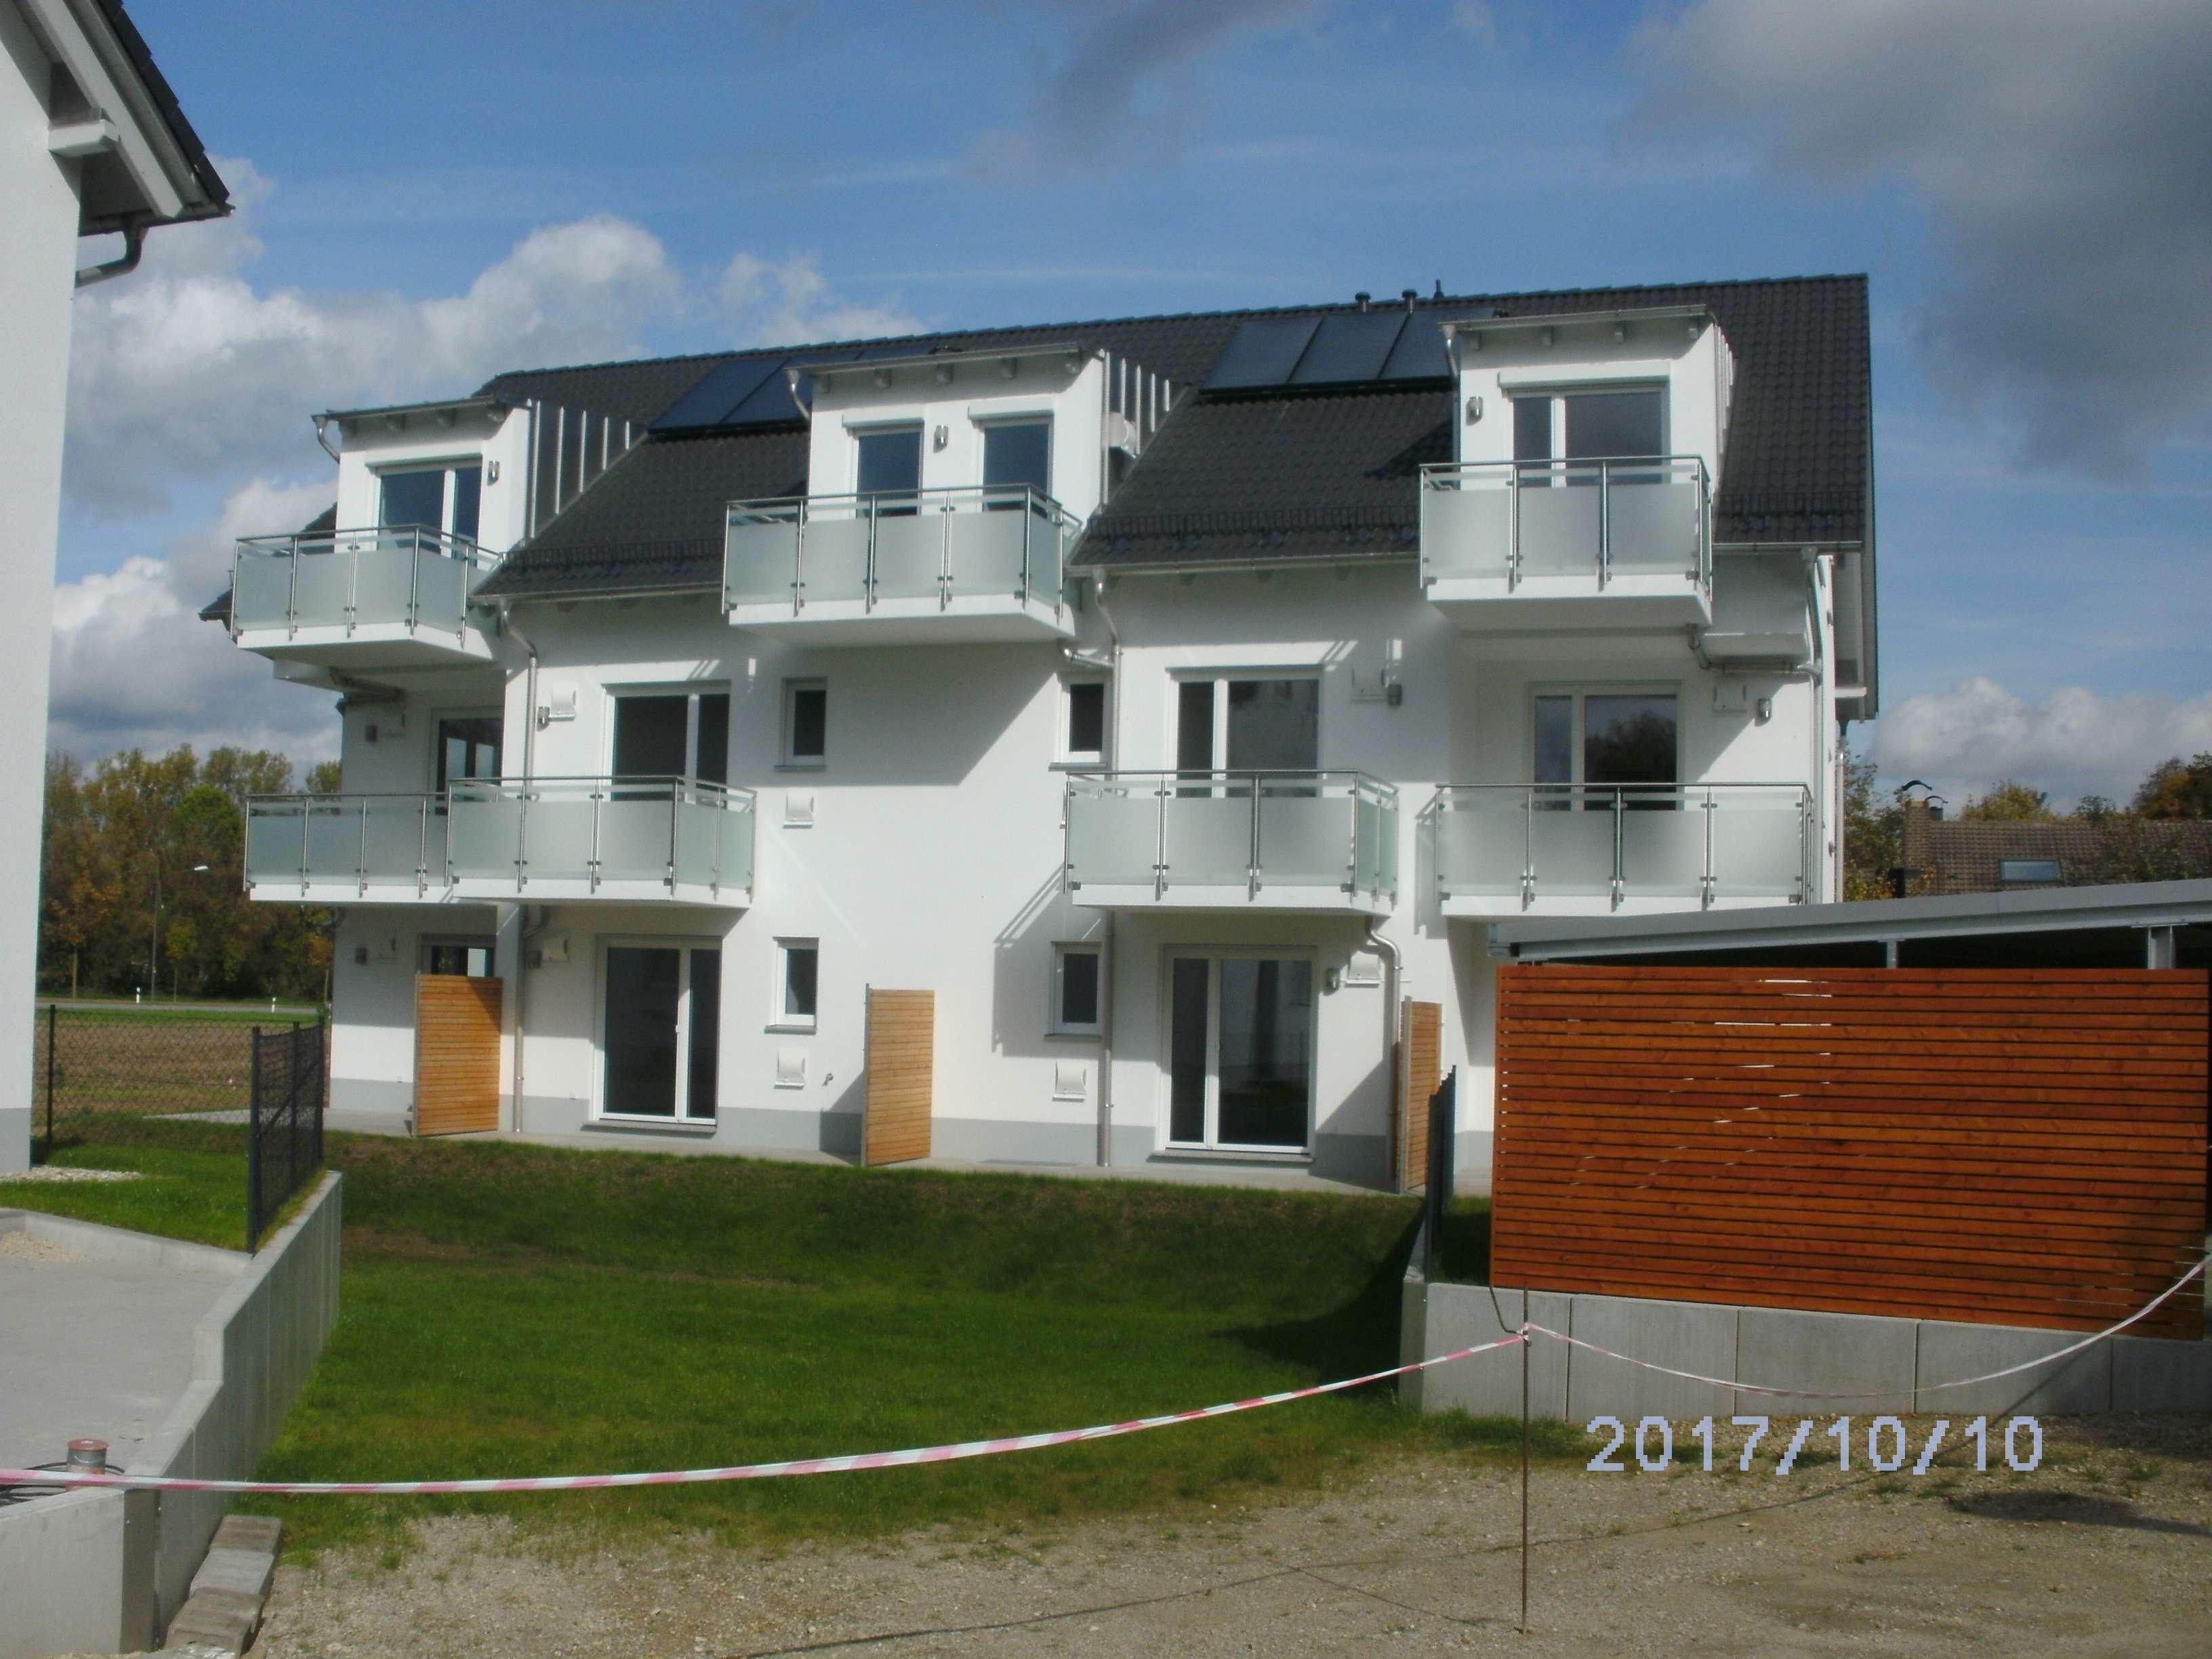 2-Zi. Appartement mit großem Balkon, ca. 40 m² ; Neubau aus 2017, ab 01.12.19, Landshut Schönbrunn in Schönbrunn (Landshut)